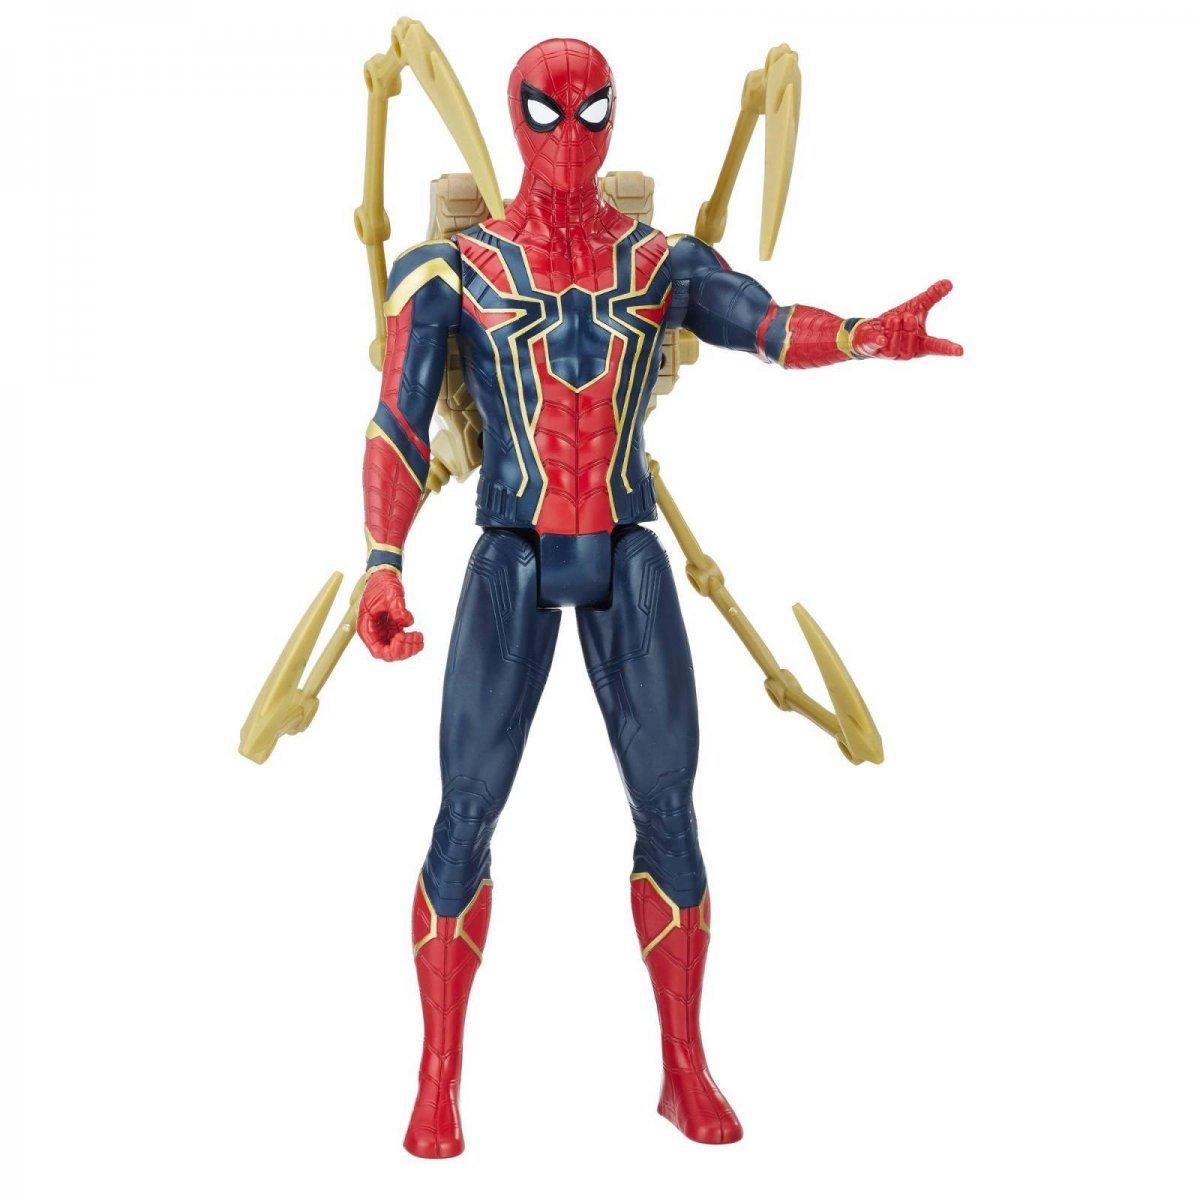 Boneco Homem Aranha Eletrônico Guerra Infinita Marvel - Hasbro E0608